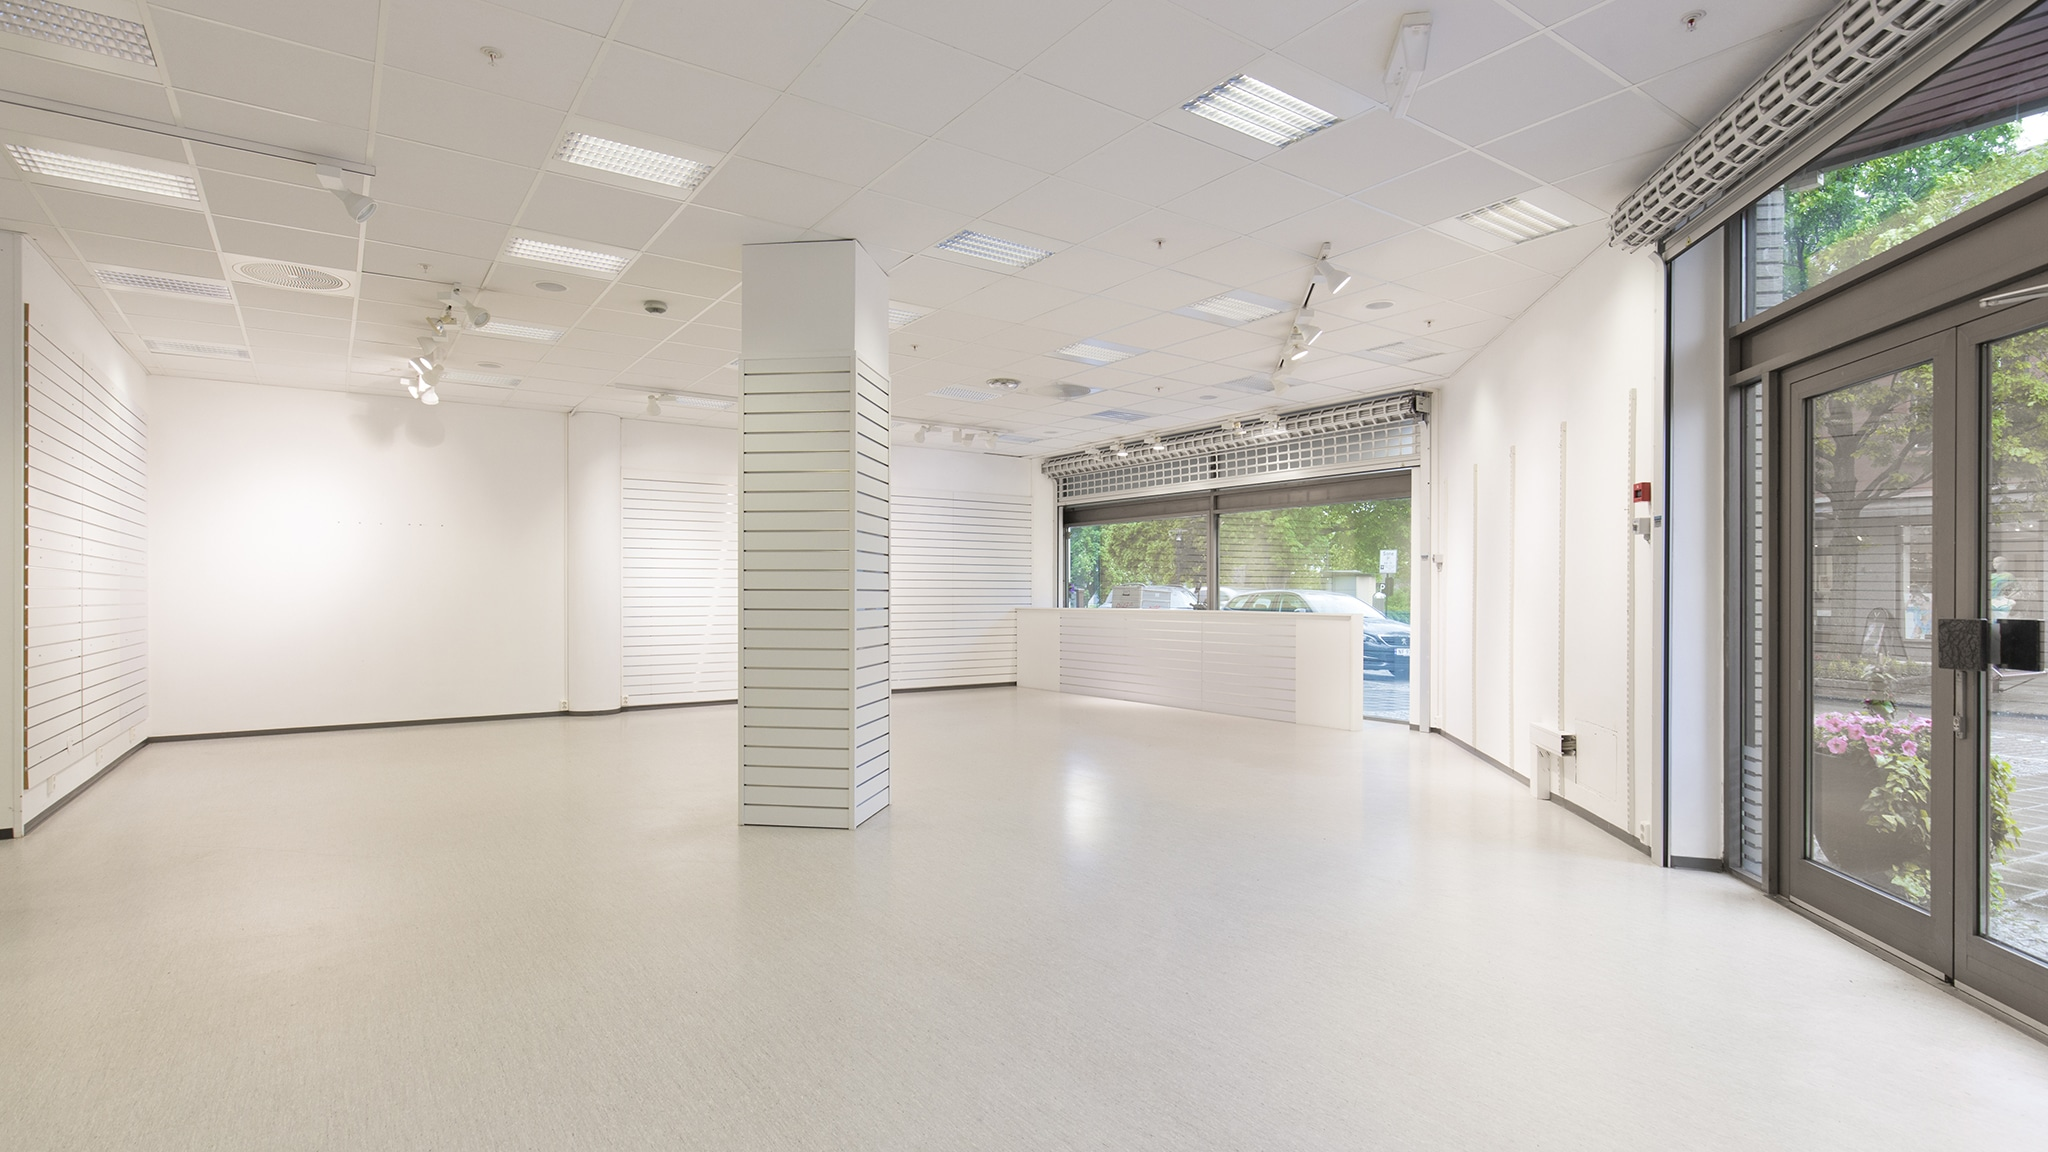 Butikklokale hammondgården storgata 125 Porsgrunn 6